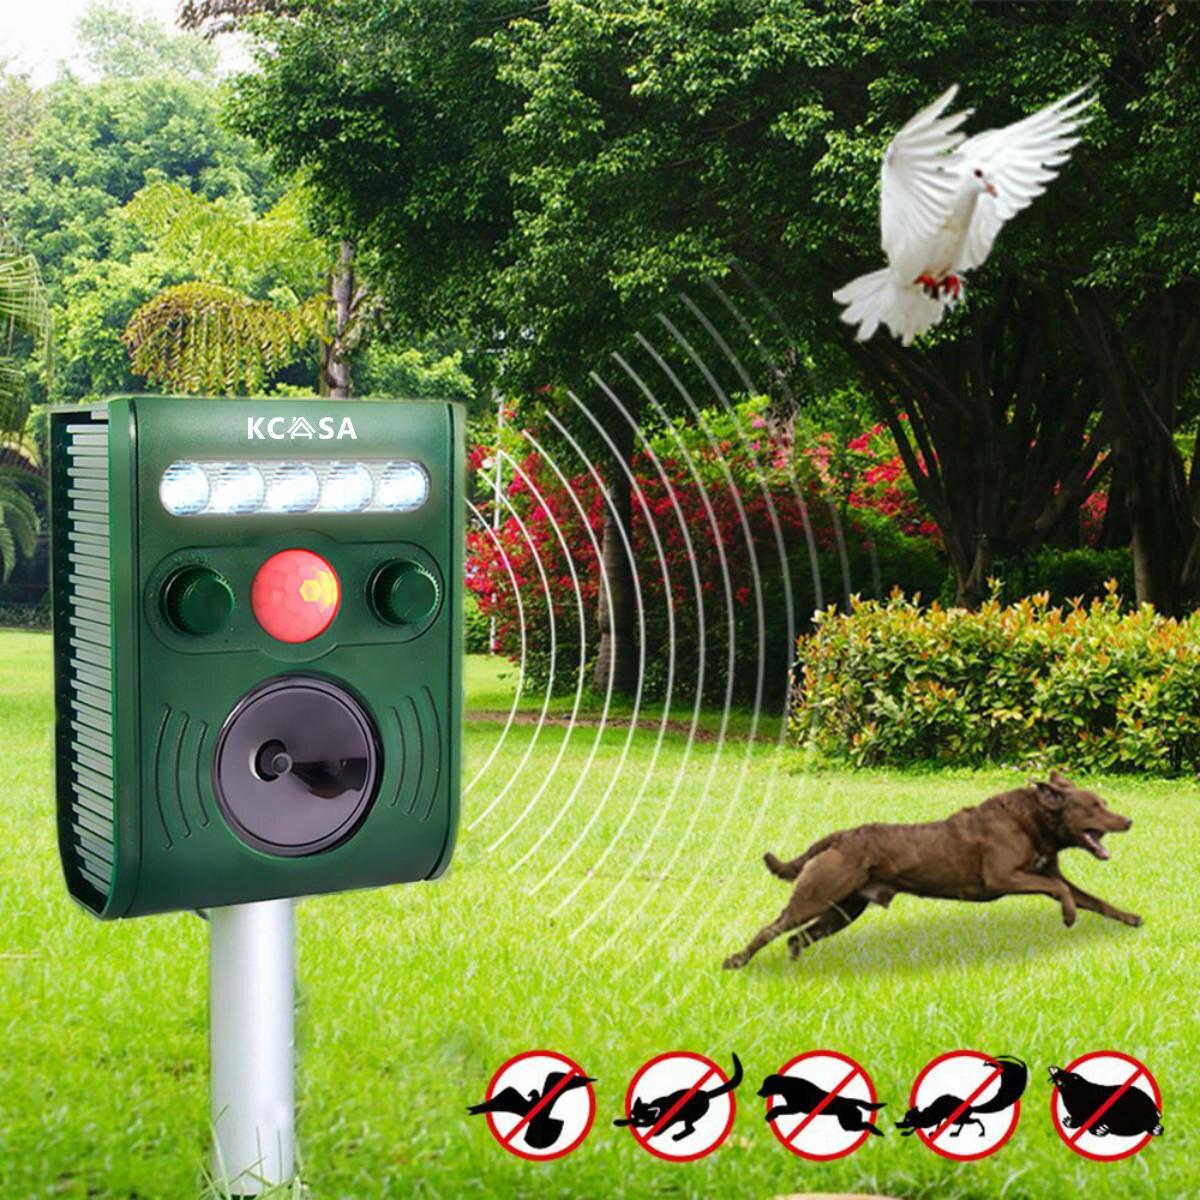 KCASA KC-JK369 Sensore PIR ad Ultrasuoni Giardino Strumento Repellente per Animale Uccelli con Forte Luce Lampeggia